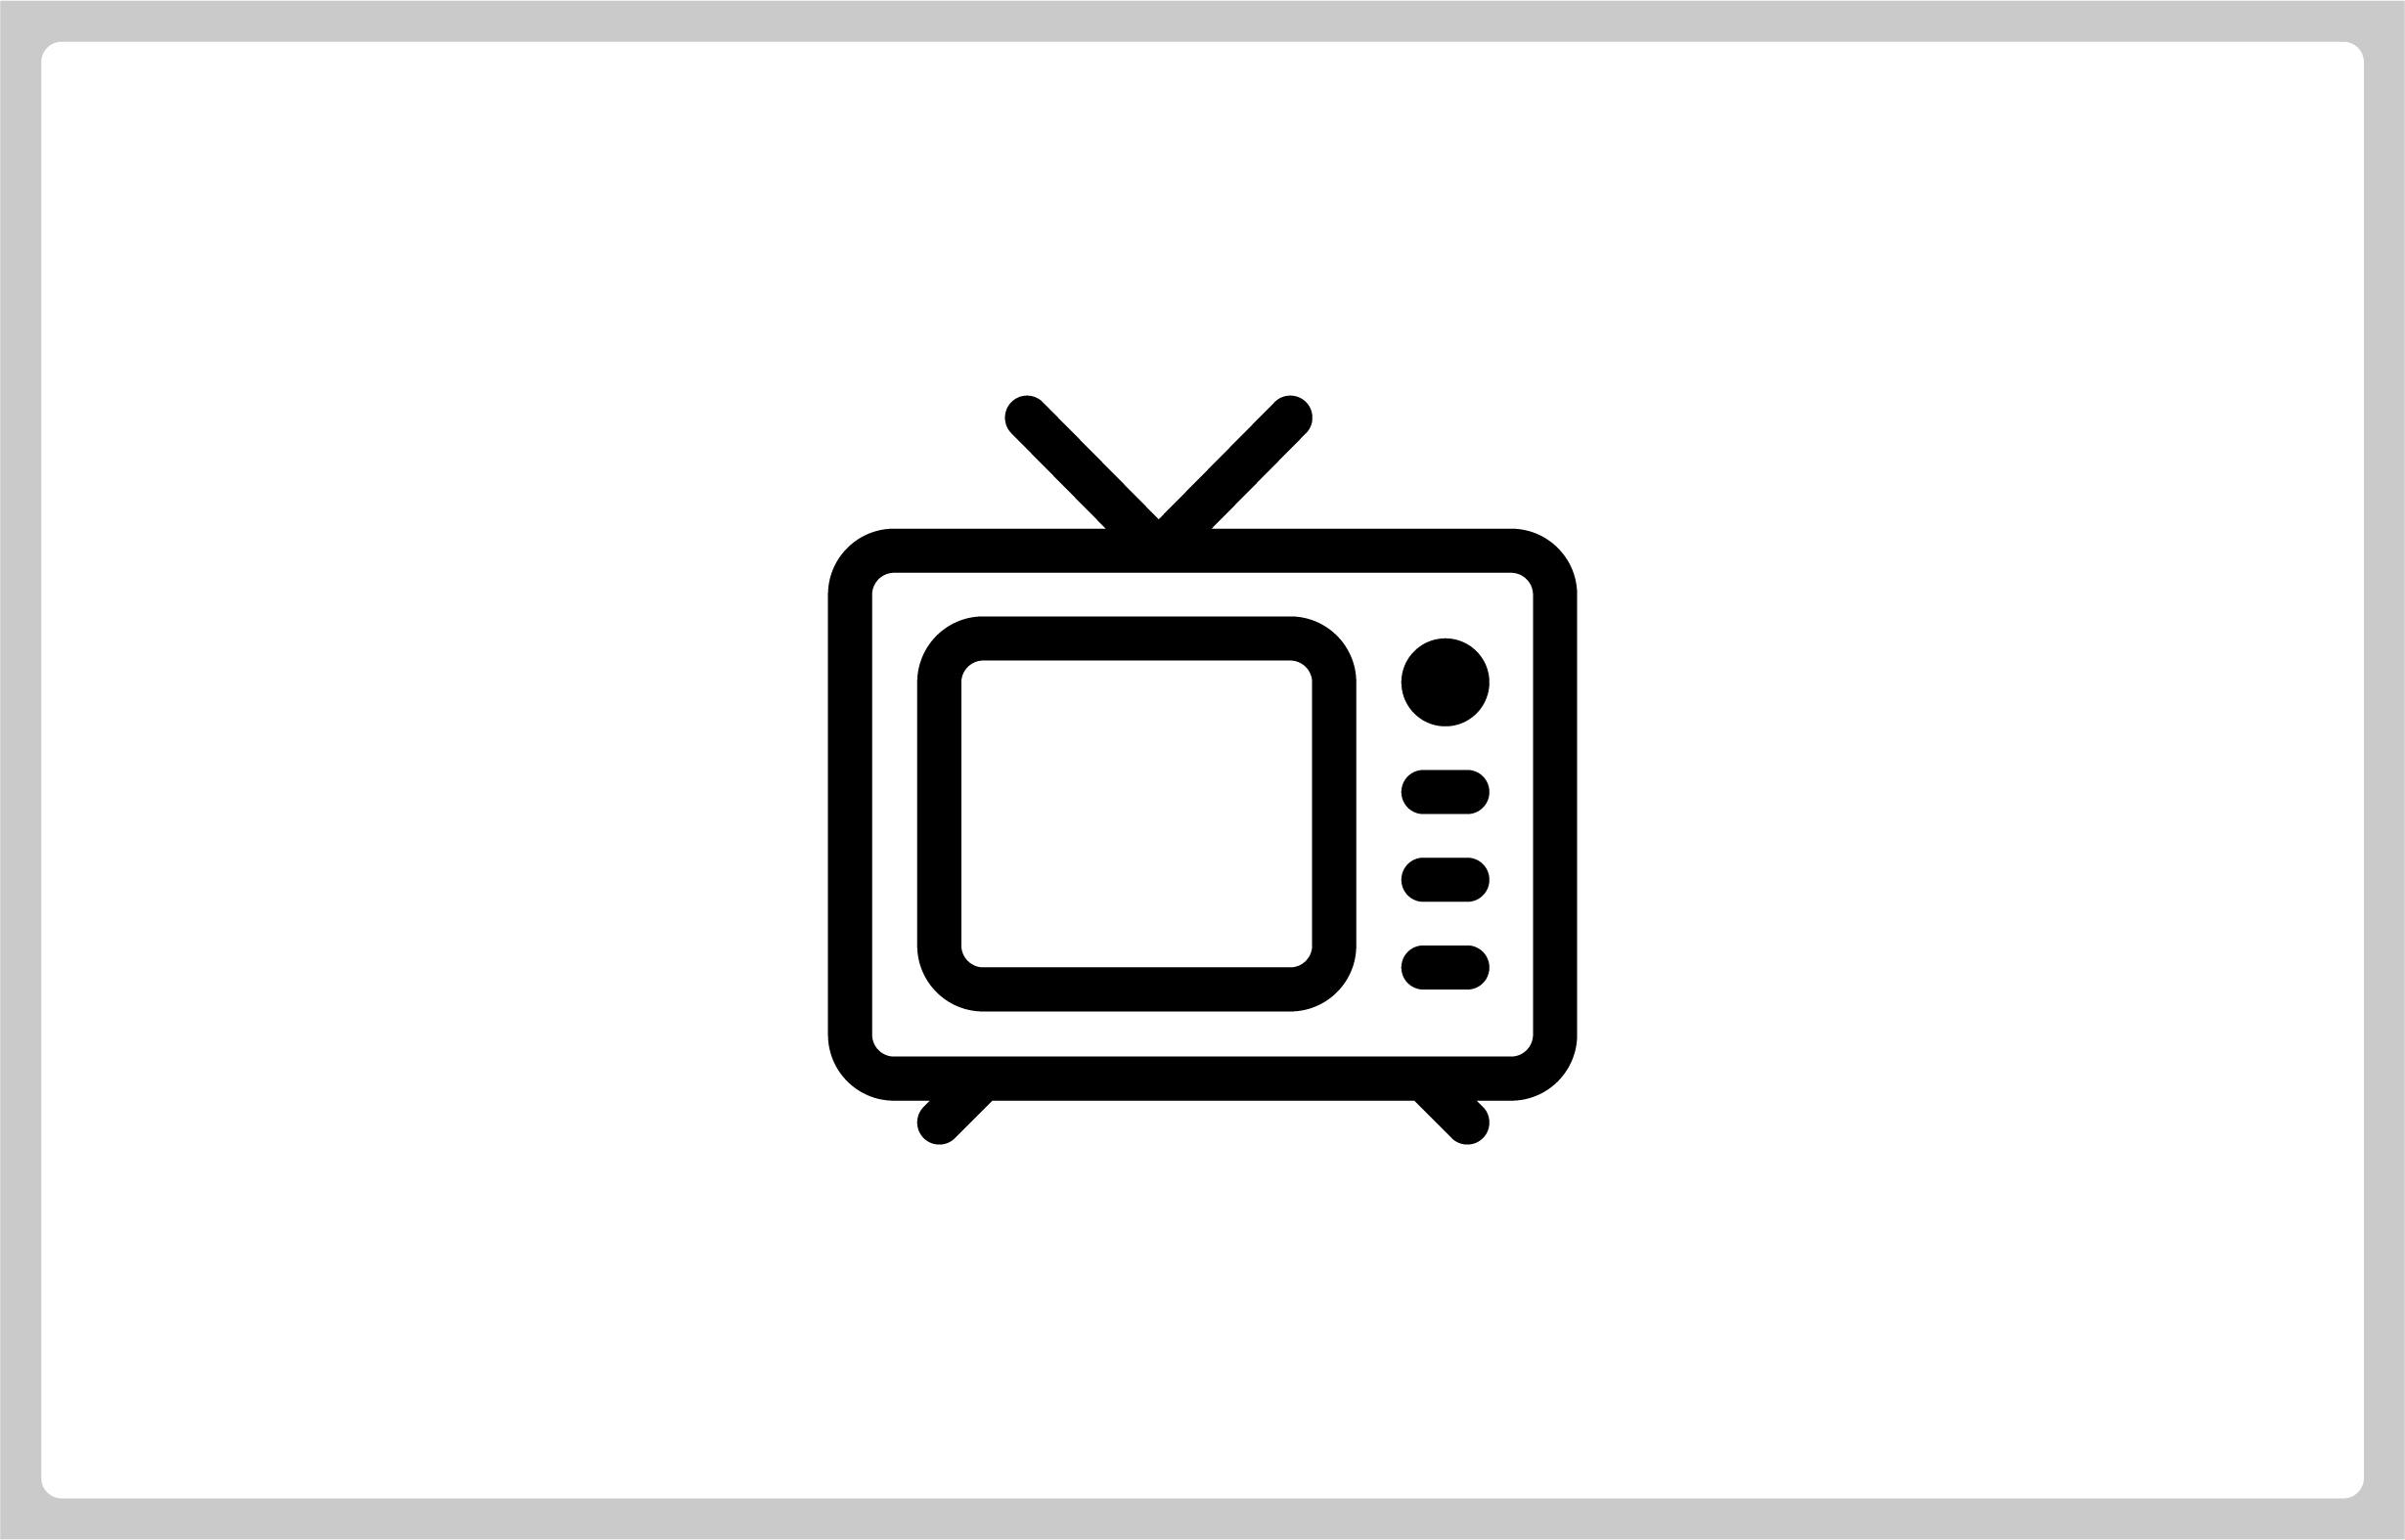 フジテレビ Live News it! 『不安「終の棲家」で増える虐待安全な高齢者施設選びは?』